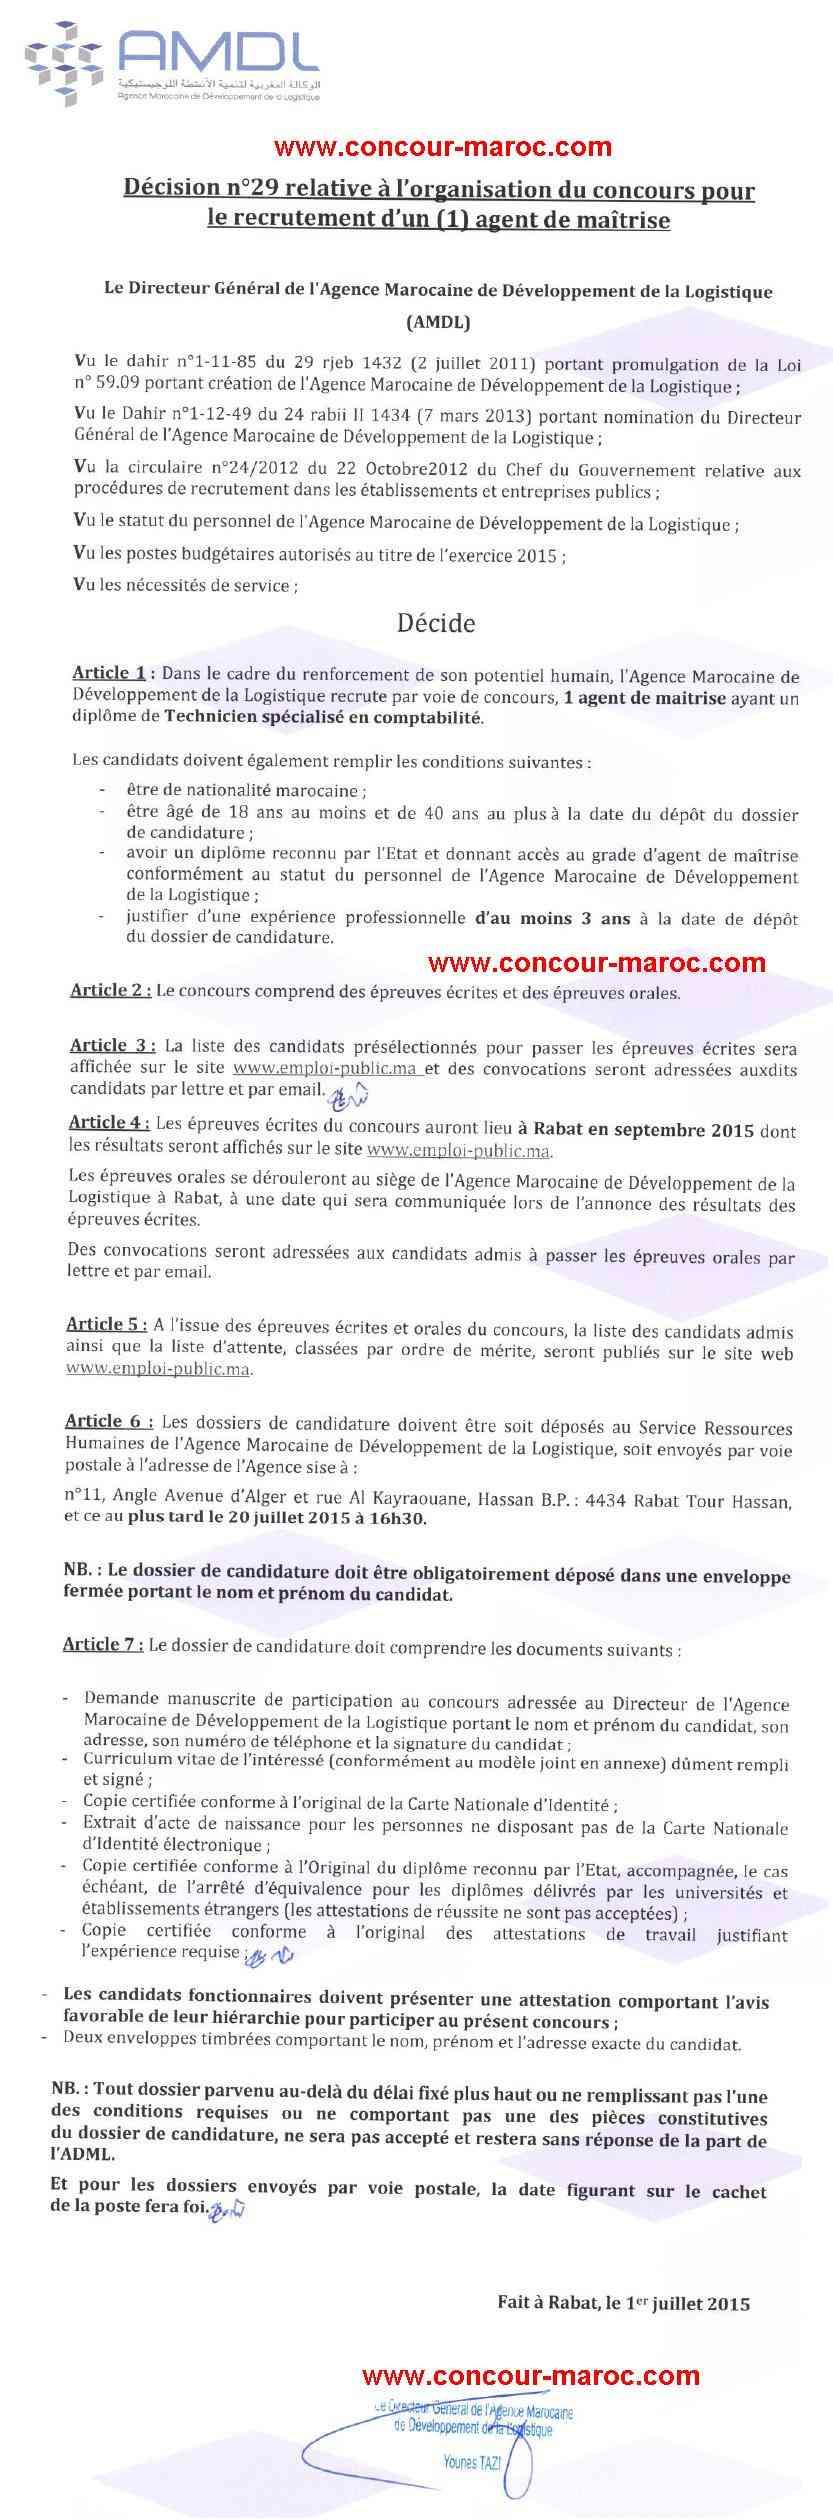 الوكالة المغربية لتنمية الأنشطة اللوجستيكية : مباراة لتوظيف تقني من الدرجة الثالثة ~ سلم 9 (1 منصب) و مباراة لتوظيف مهندس دولة من الدرجة الأولى ~ سلم 11 (5 مناصب) آخر أجل لإيداع الترشيحات 20 يوليوز 2015 Concou54